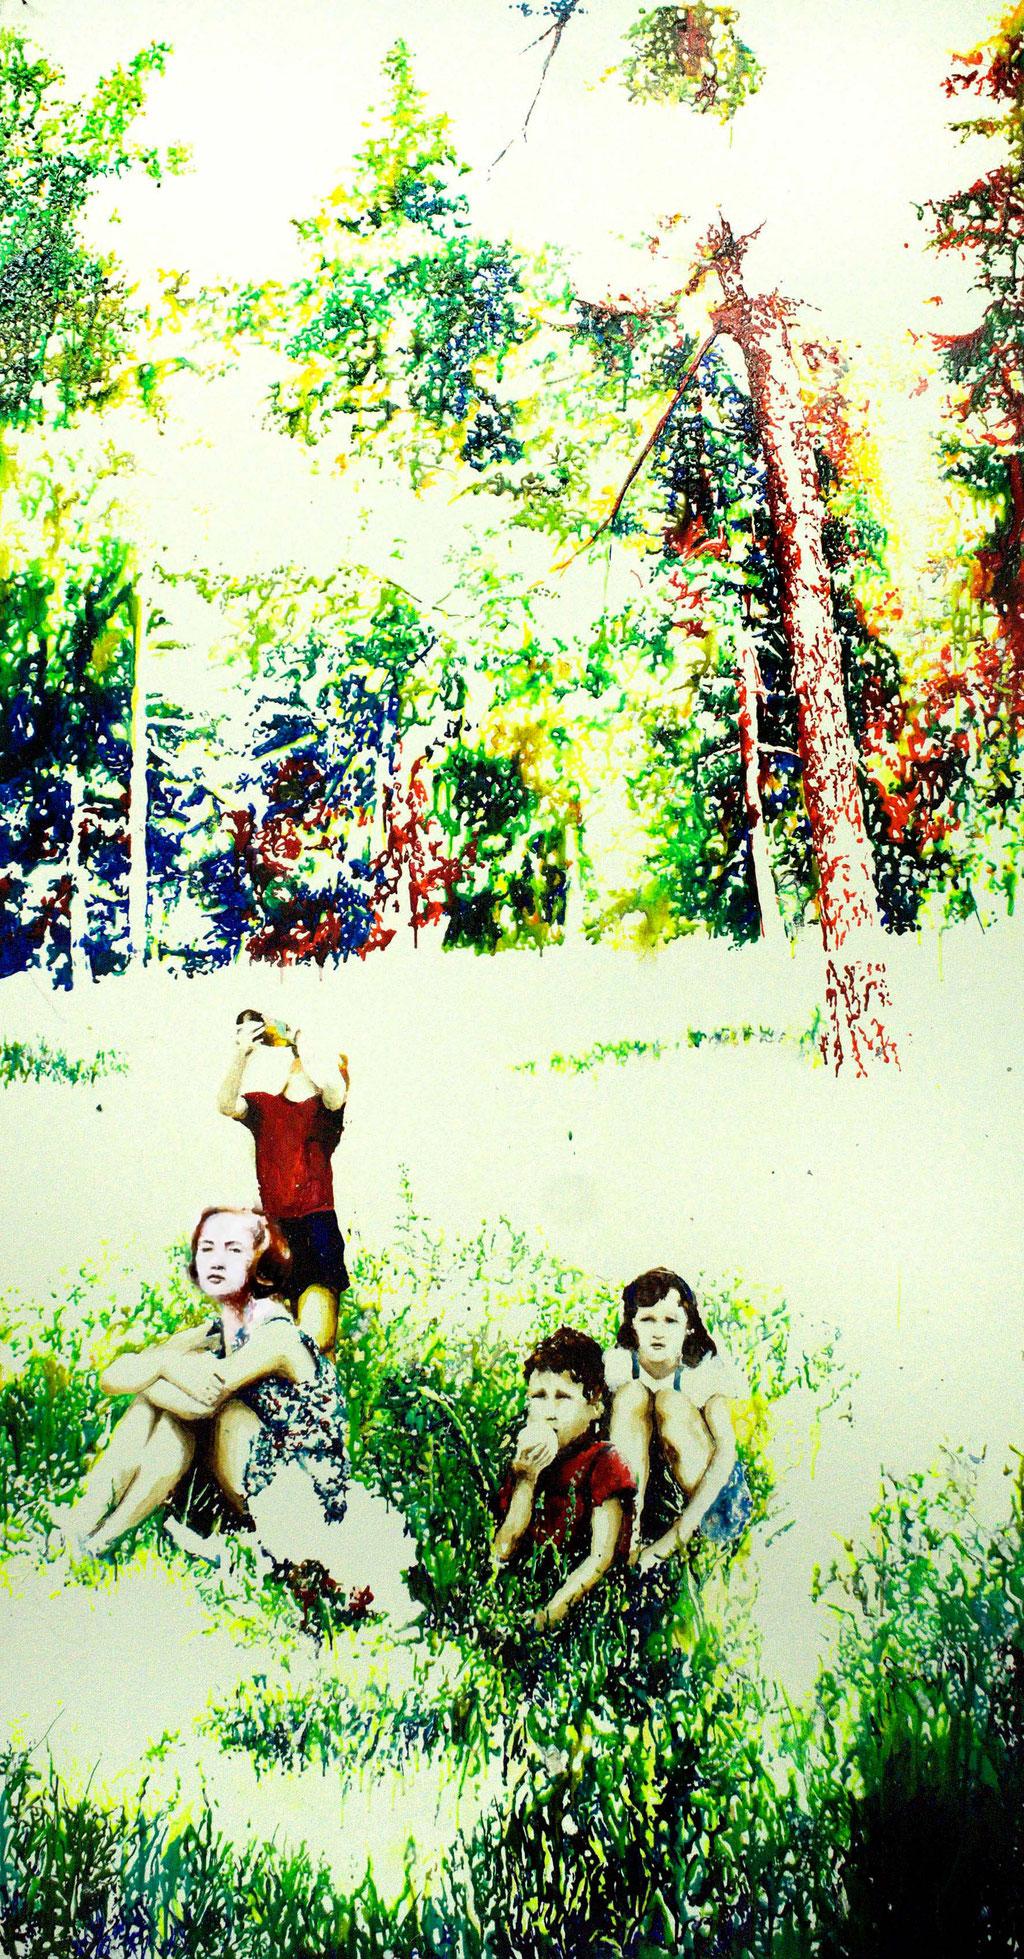 Picknick im Grünen, Glasmalfarben auf MDF Platte, 200 x 145 cm, 2014